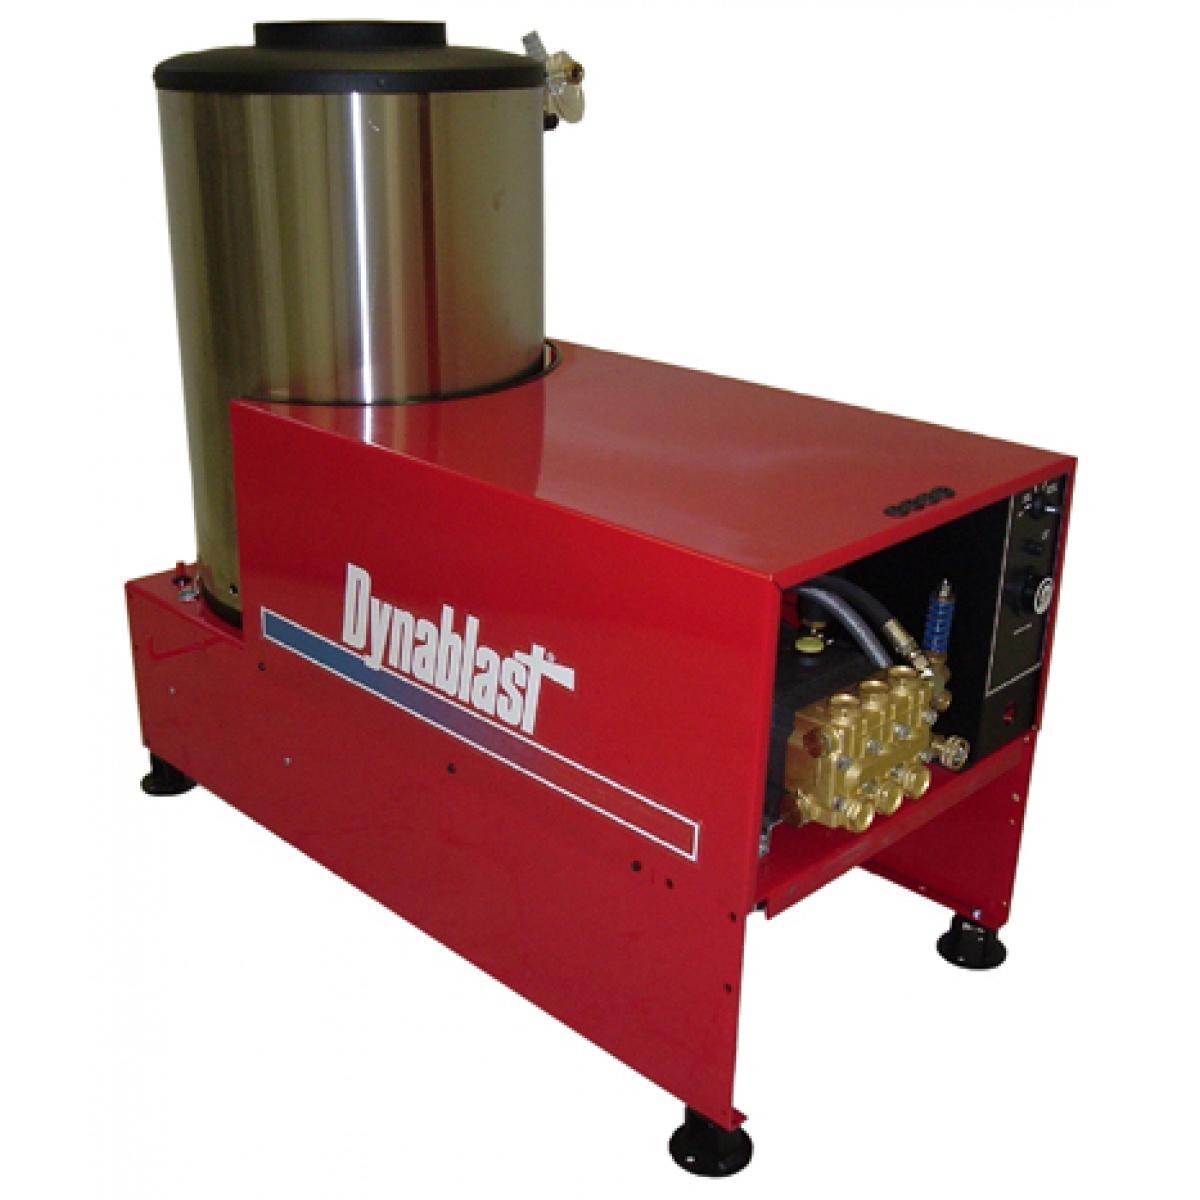 Dynablast H4030BEN3D Hot Water Pressure Washer